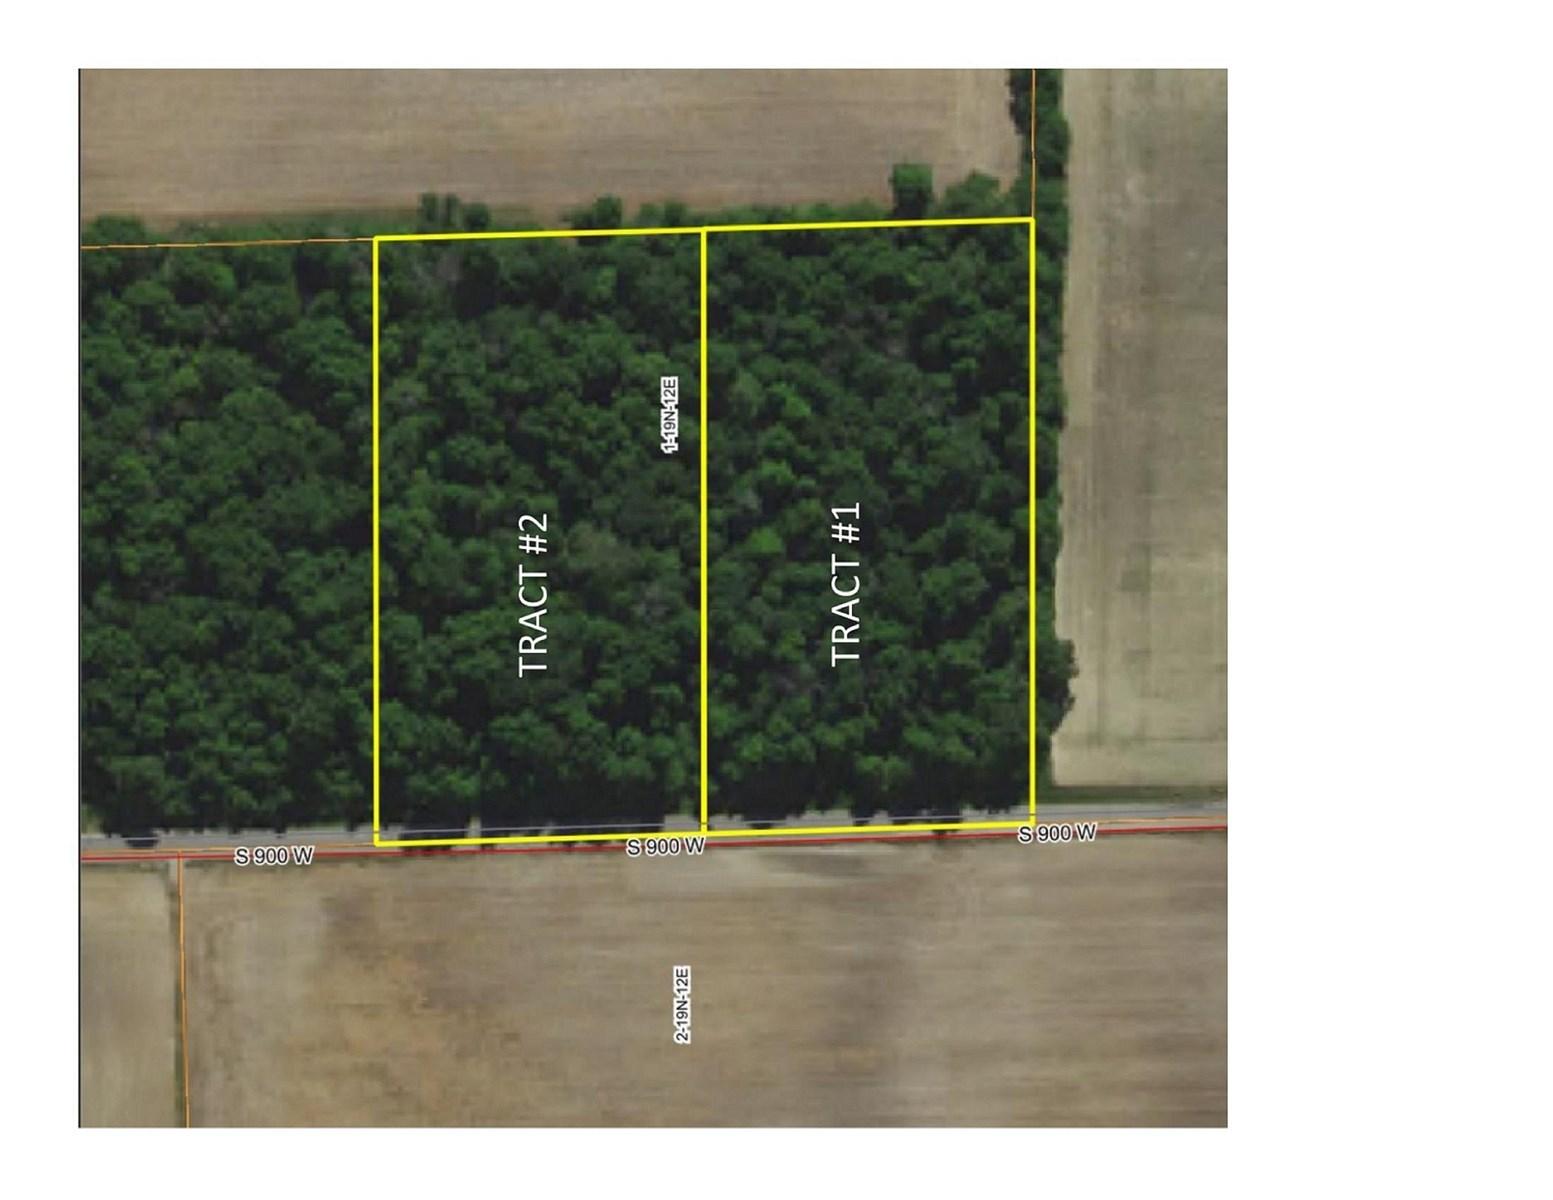 Acreage for Sale Farmland Indiana